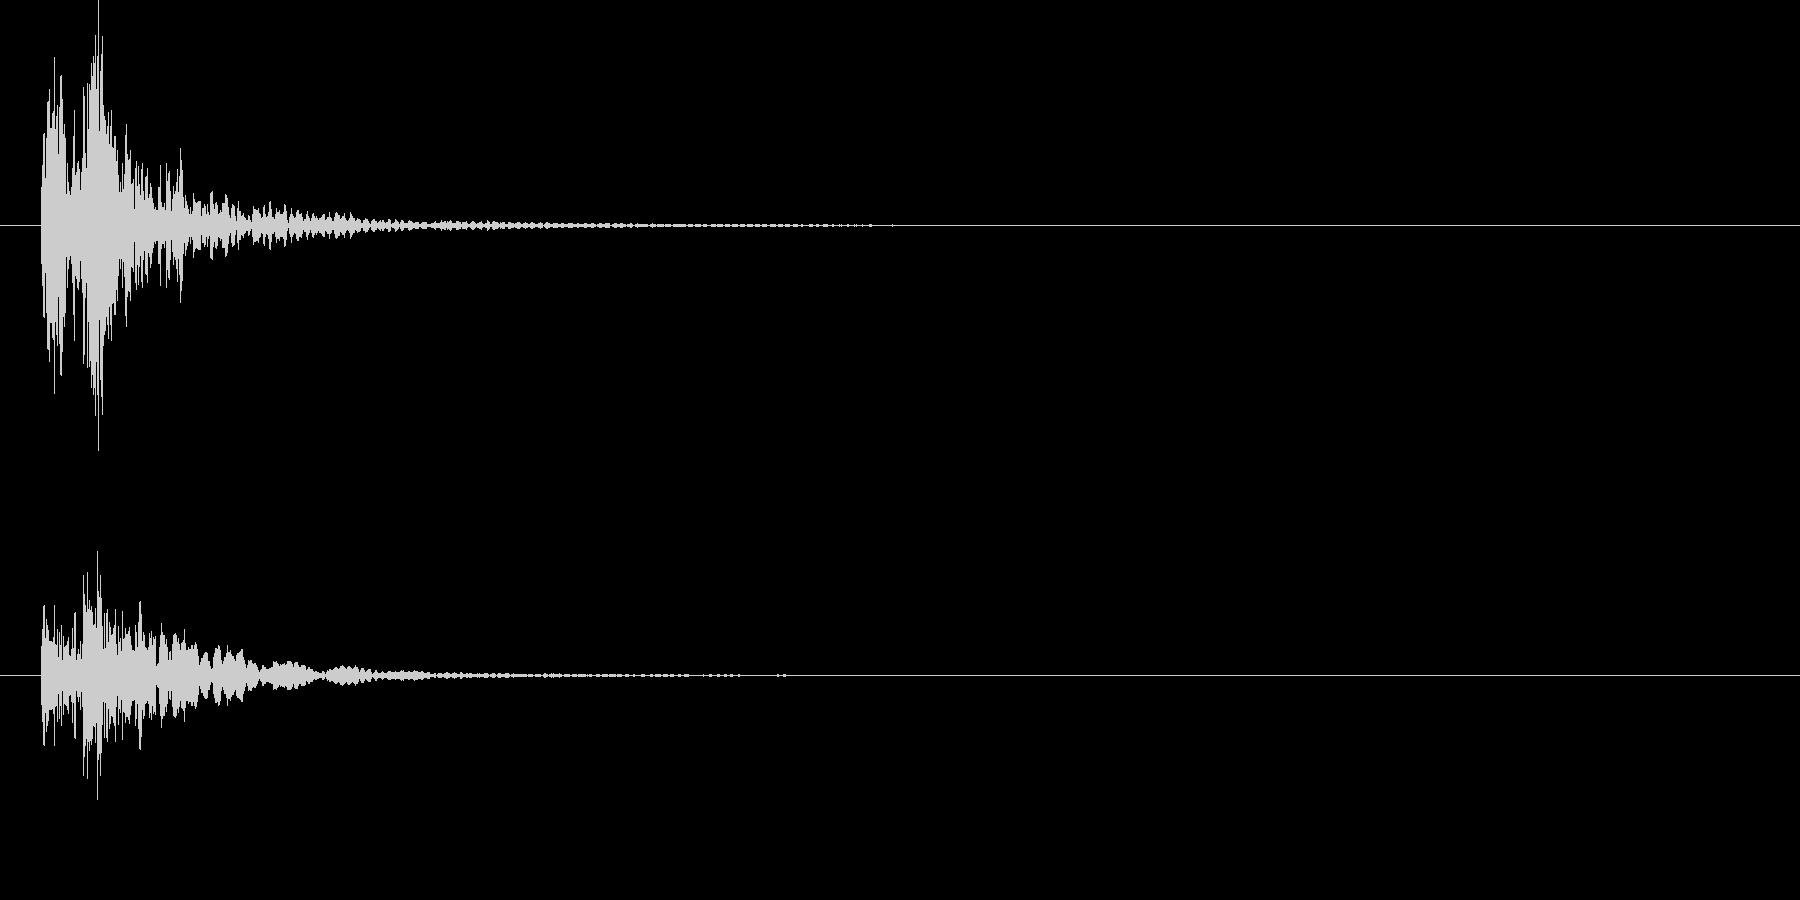 和太鼓お囃子(ドドンッ) 1の未再生の波形